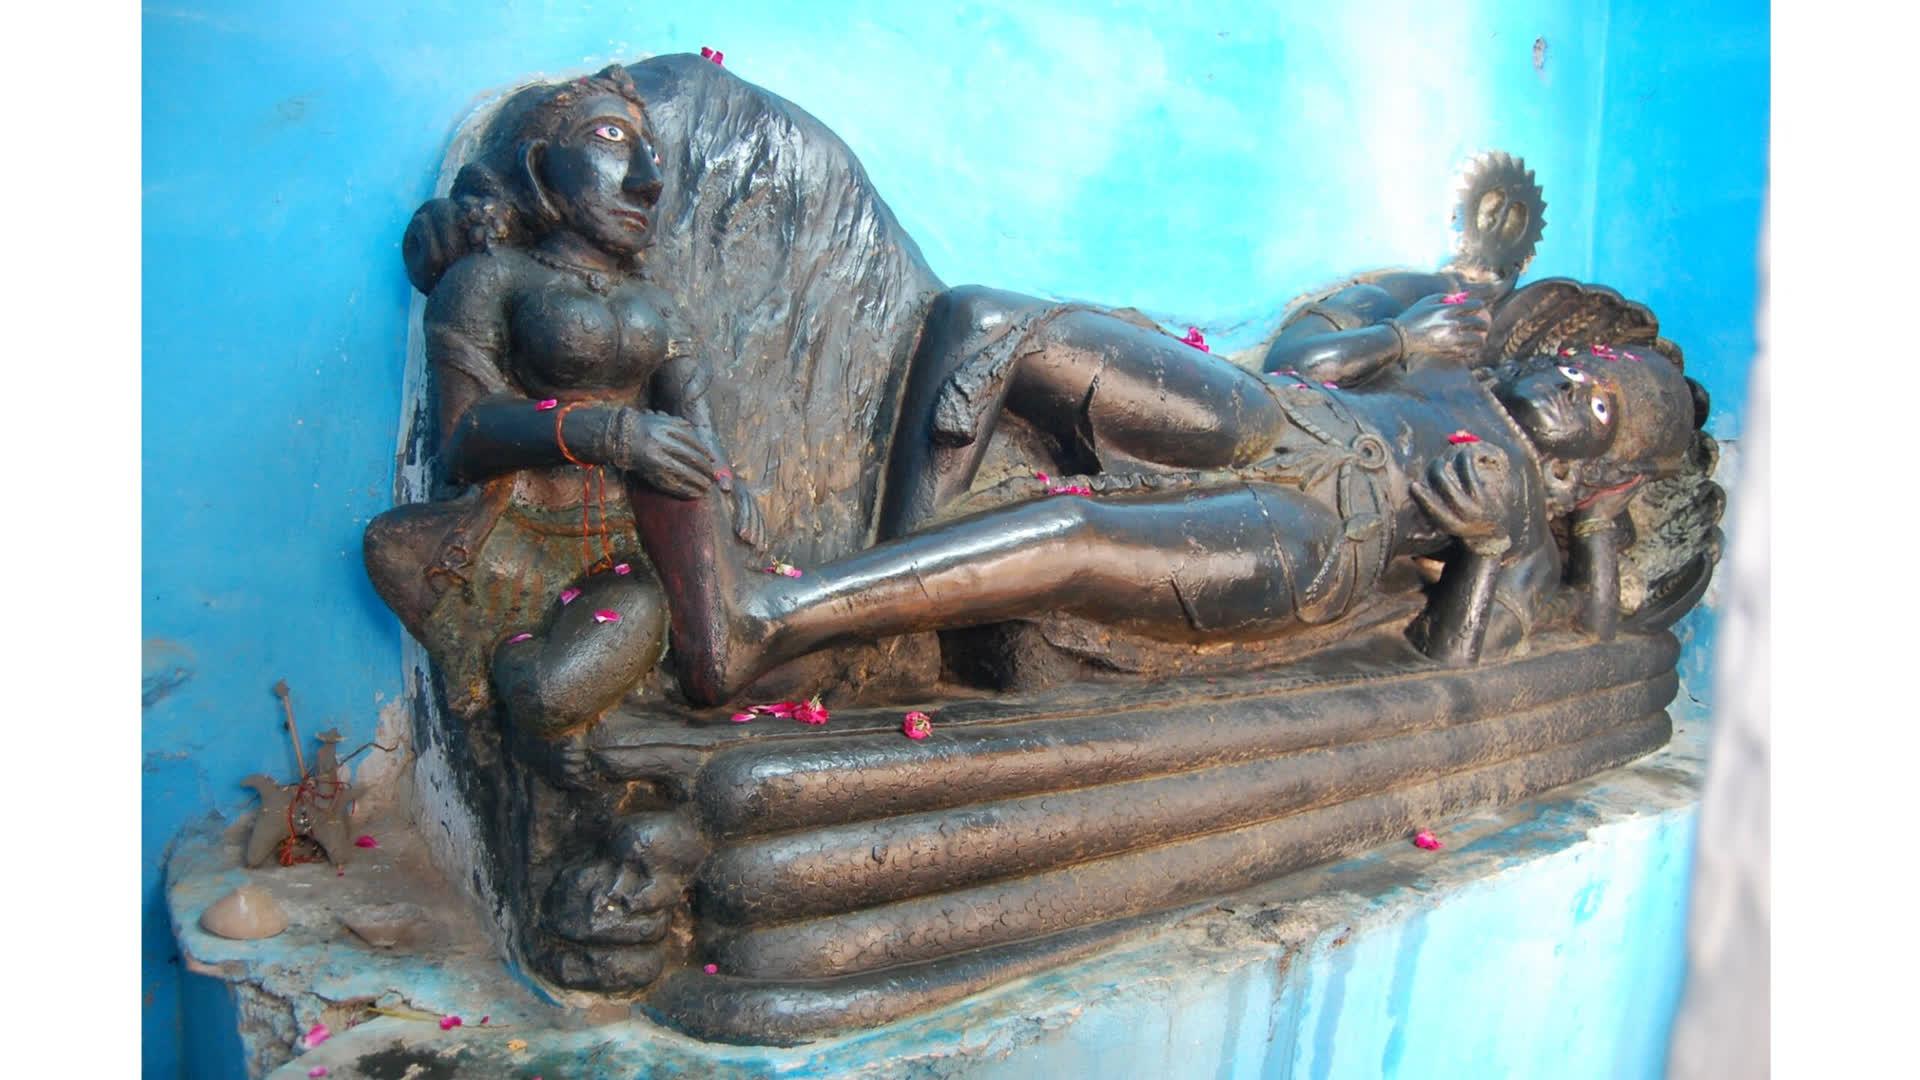 पुष्कर तीर्थ  की चौबीस  कोसीय धार्मिक यात्रा